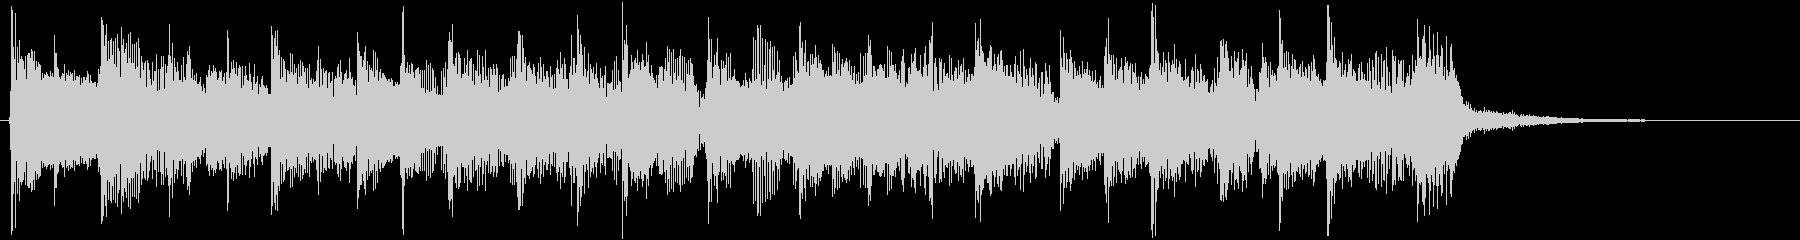 インパクトのあるロック調のジングルの未再生の波形